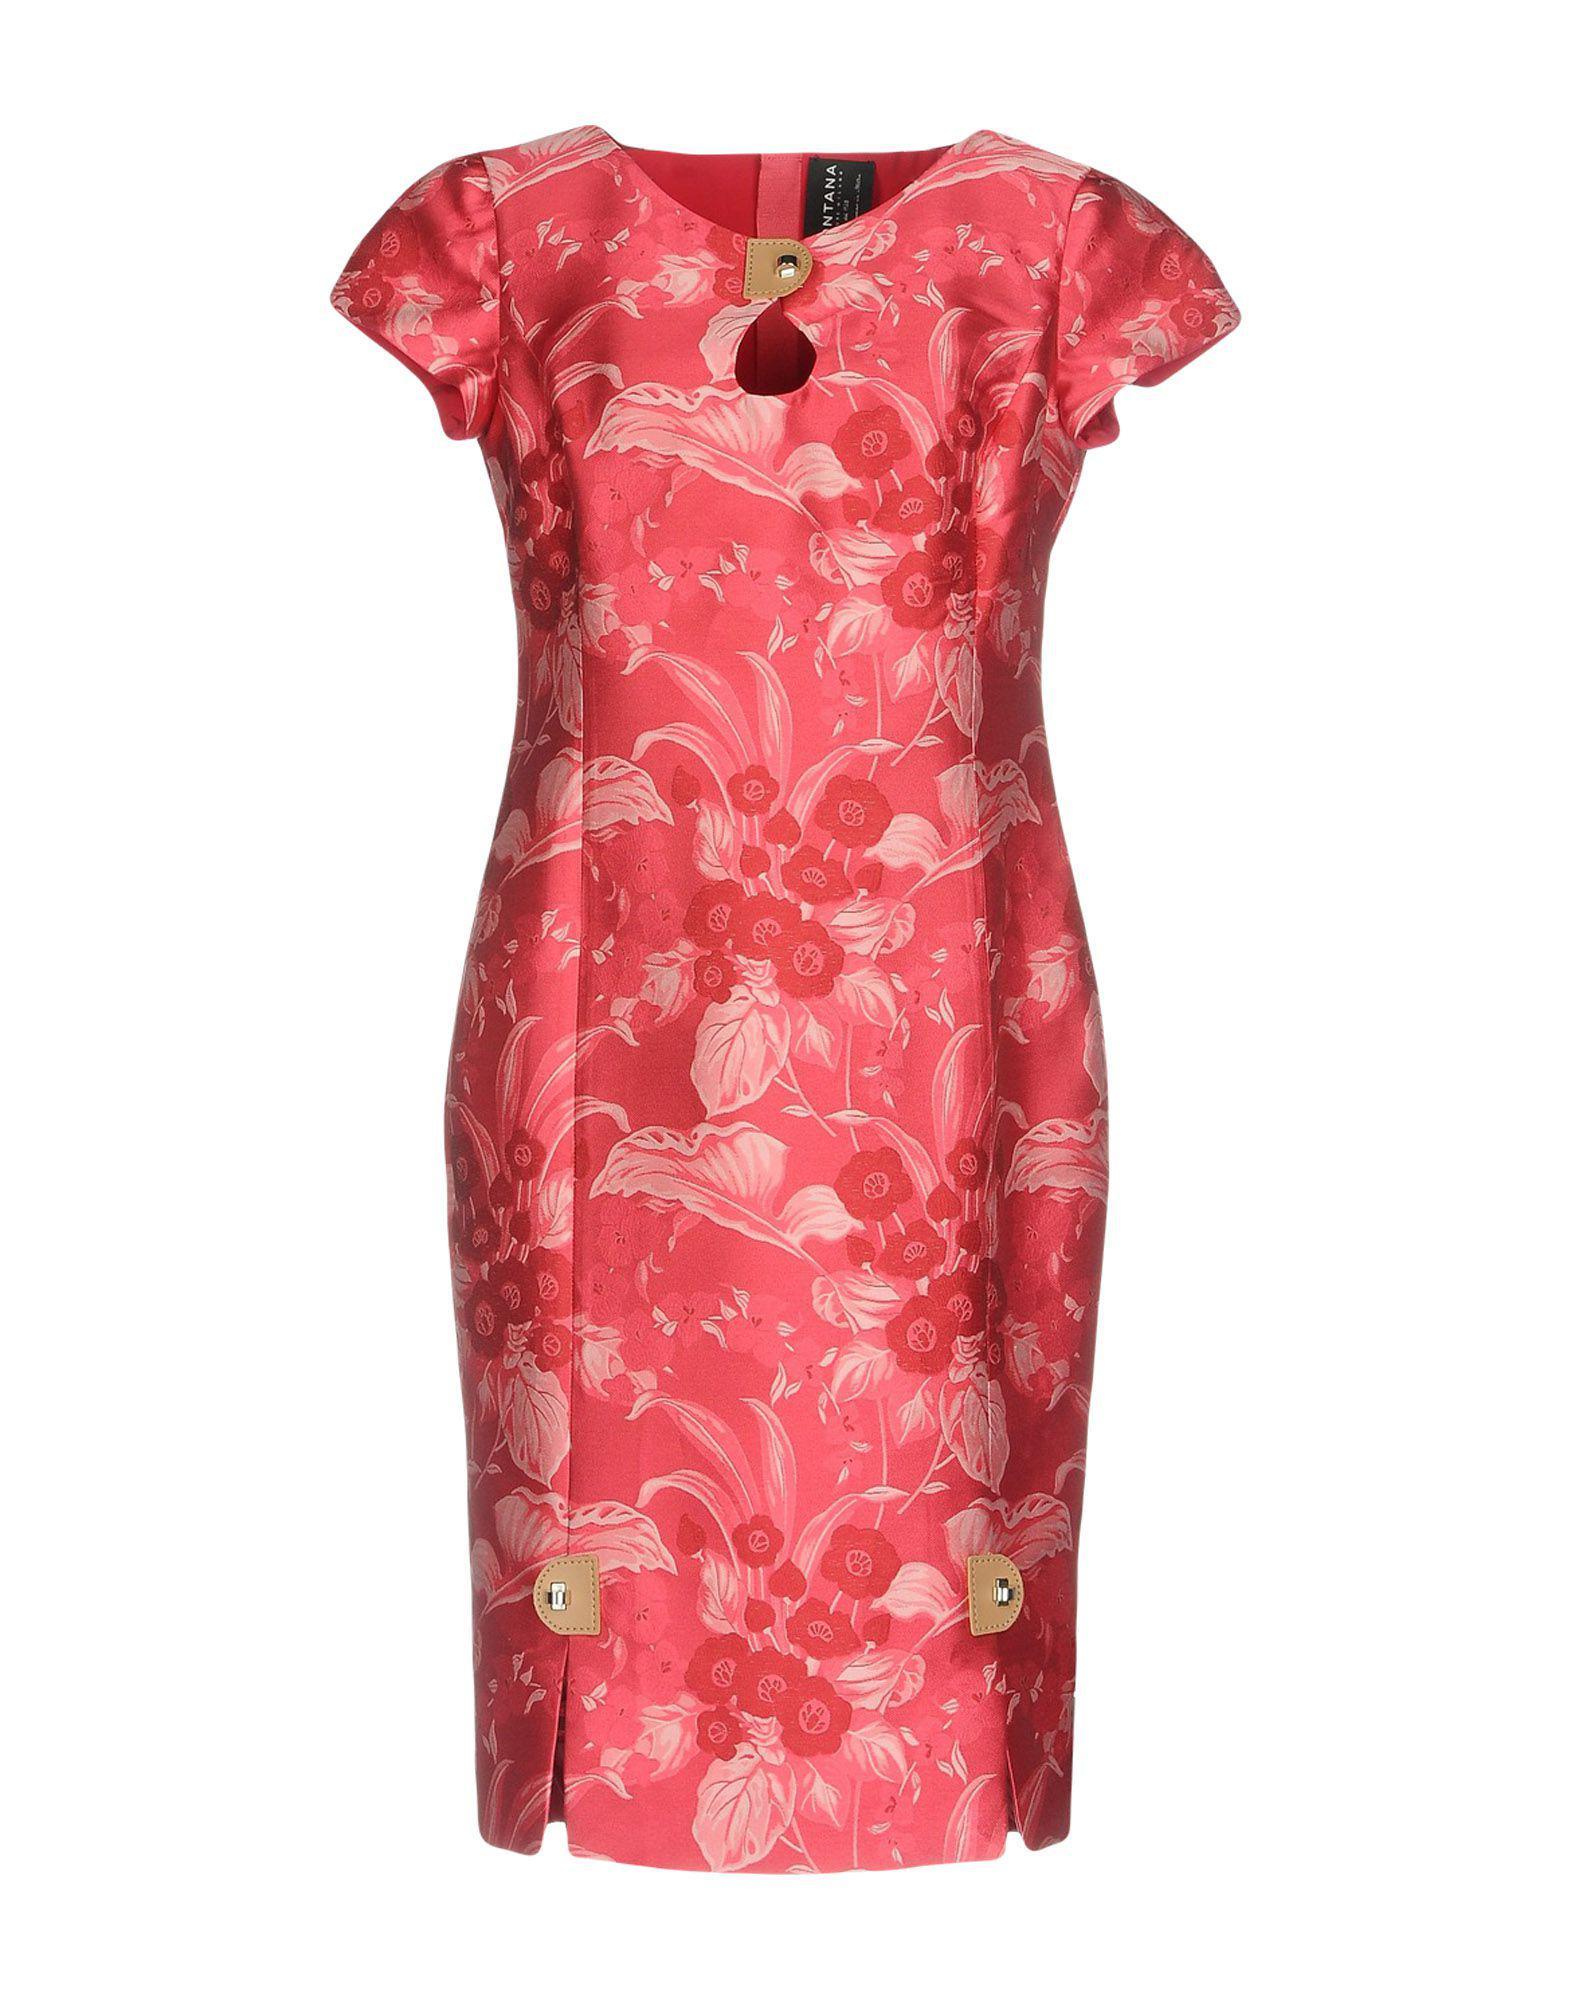 DRESSES - 3/4 length dresses Fontana Couture cbIPdw